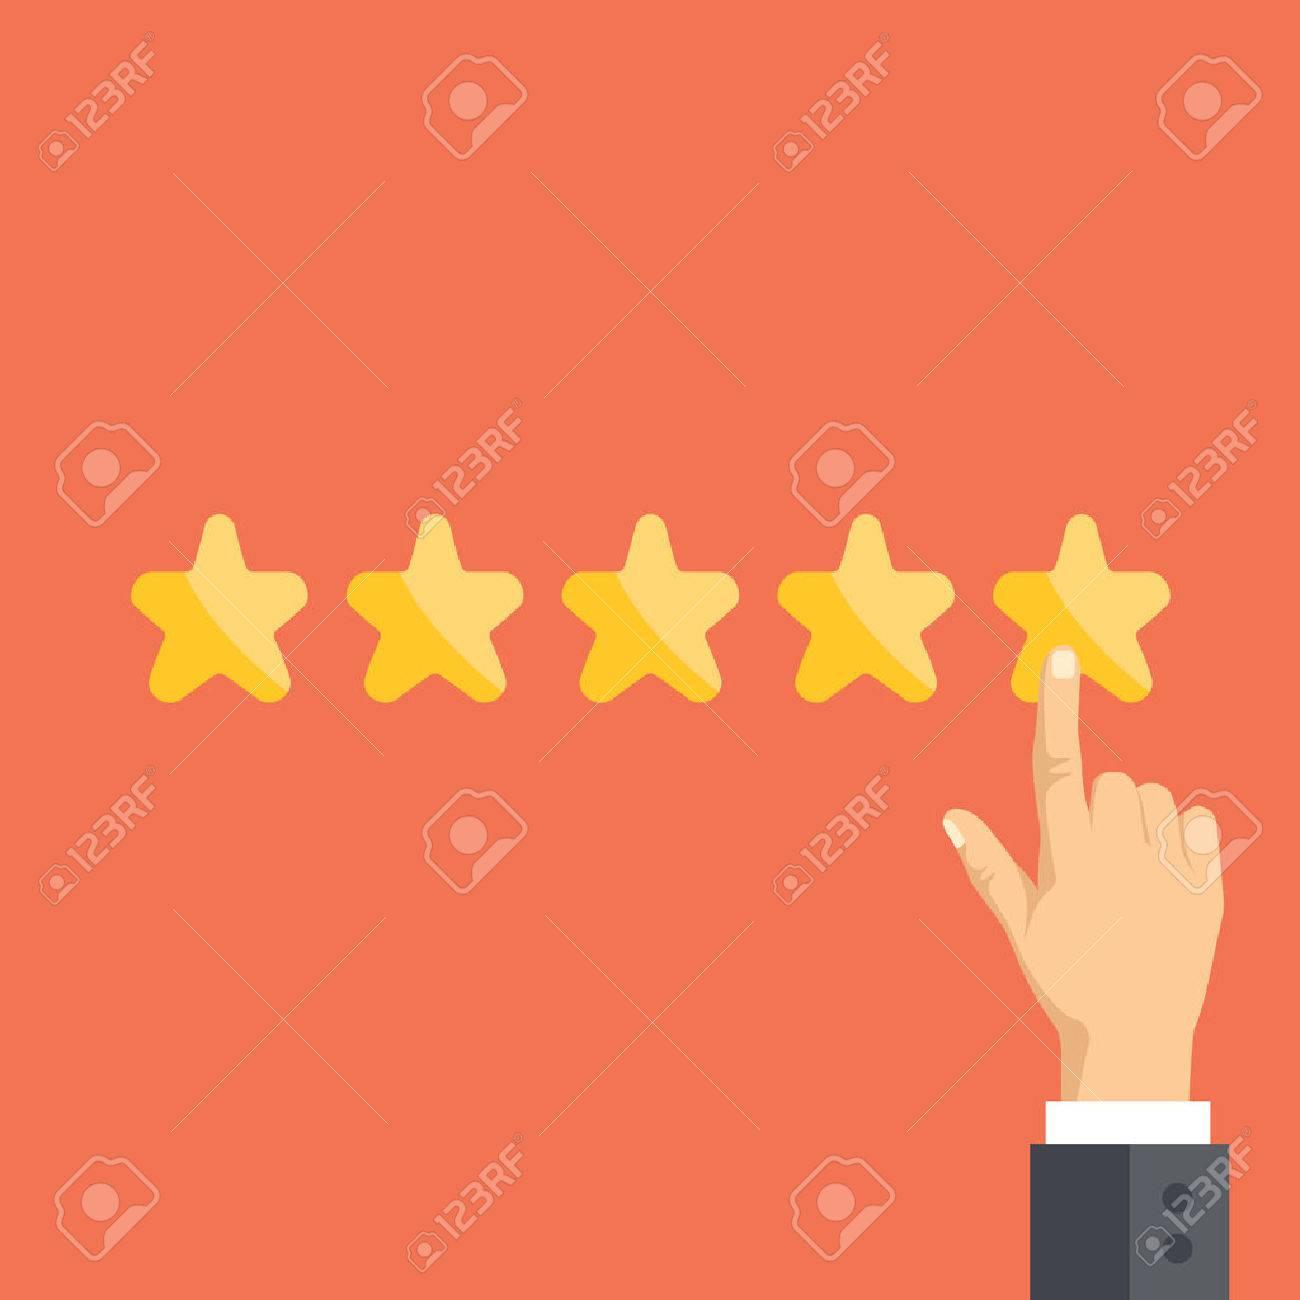 09208e6dc2 Foto de archivo - Señalar la mano y cinco estrellas. Comentarios de los  lectores